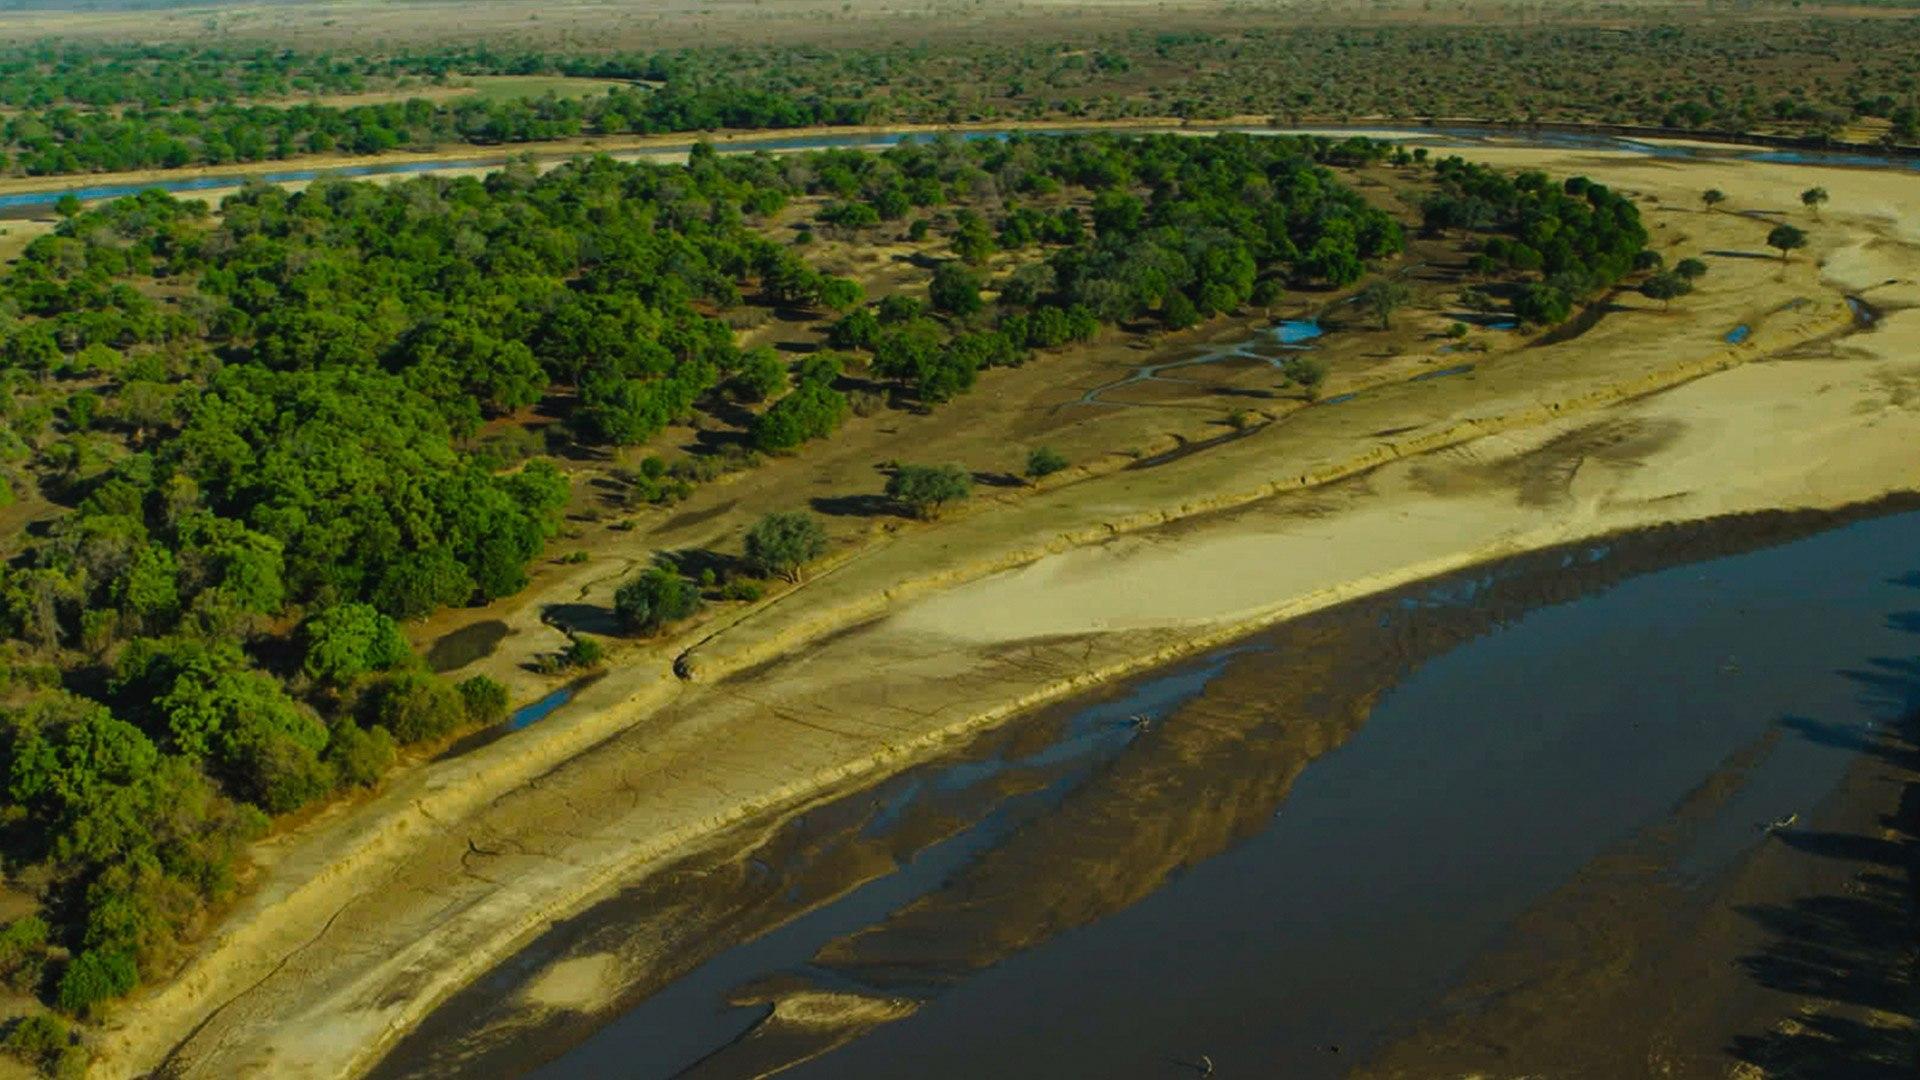 Sky Nature HD Accampamenti in Zambia